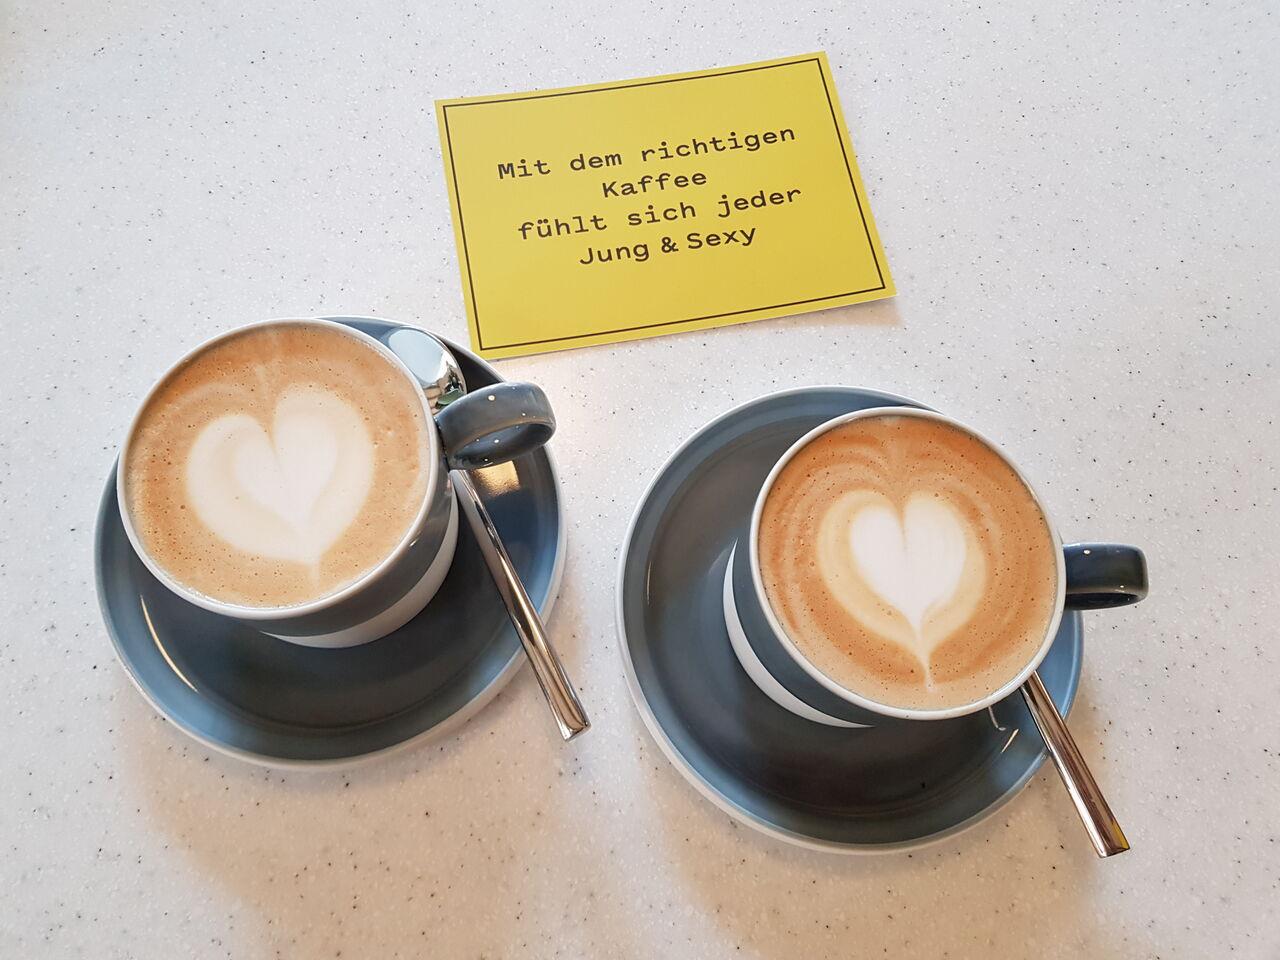 Mit dem richtigen Kaffee fühlt sich jeder Jung & Sexy